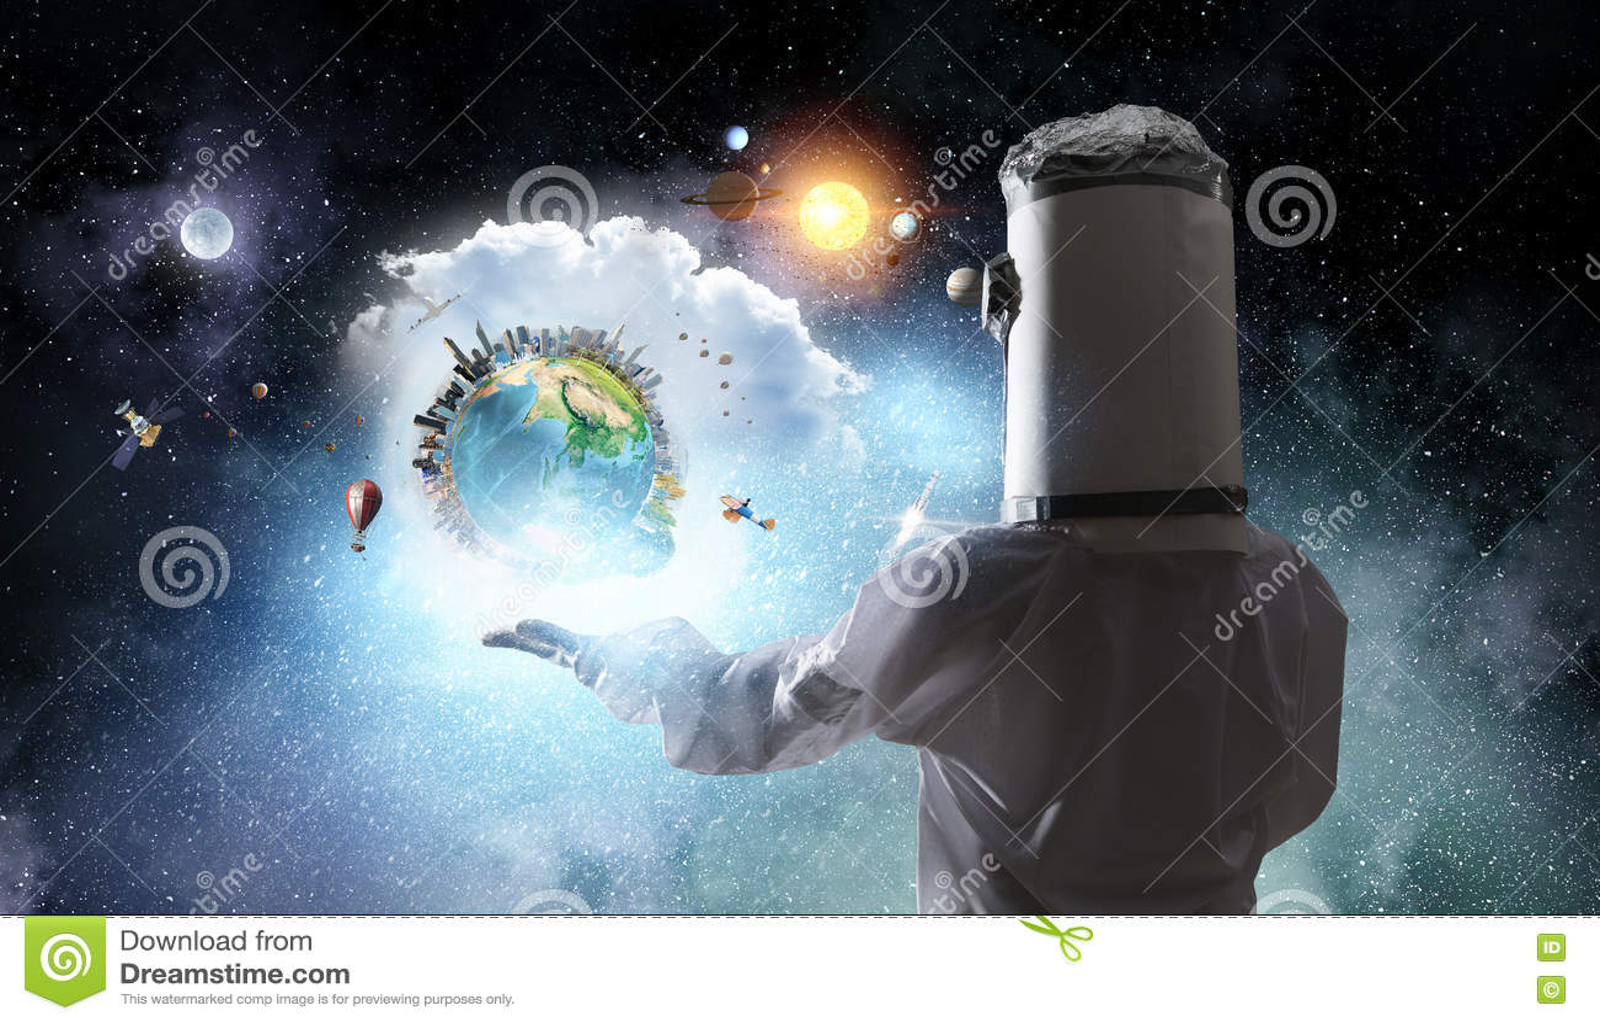 Она мечтает для того чтобы исследовать космос Мультимедиа